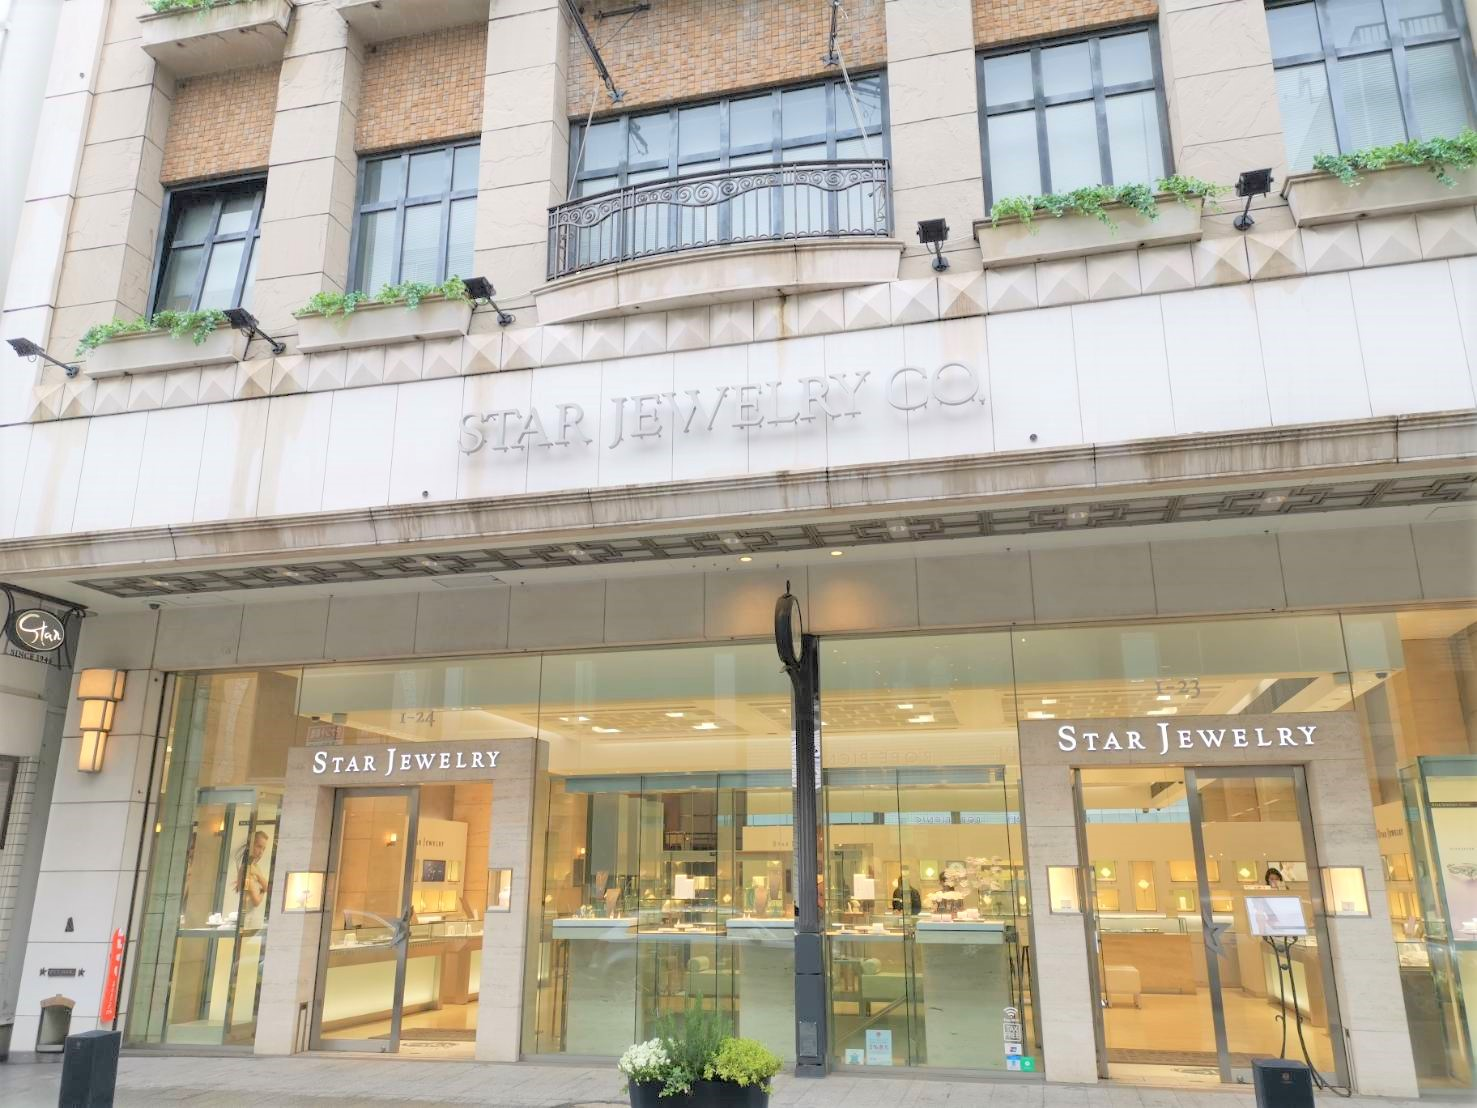 横浜ときめき散歩♡ラブストーリーロケ地巡り